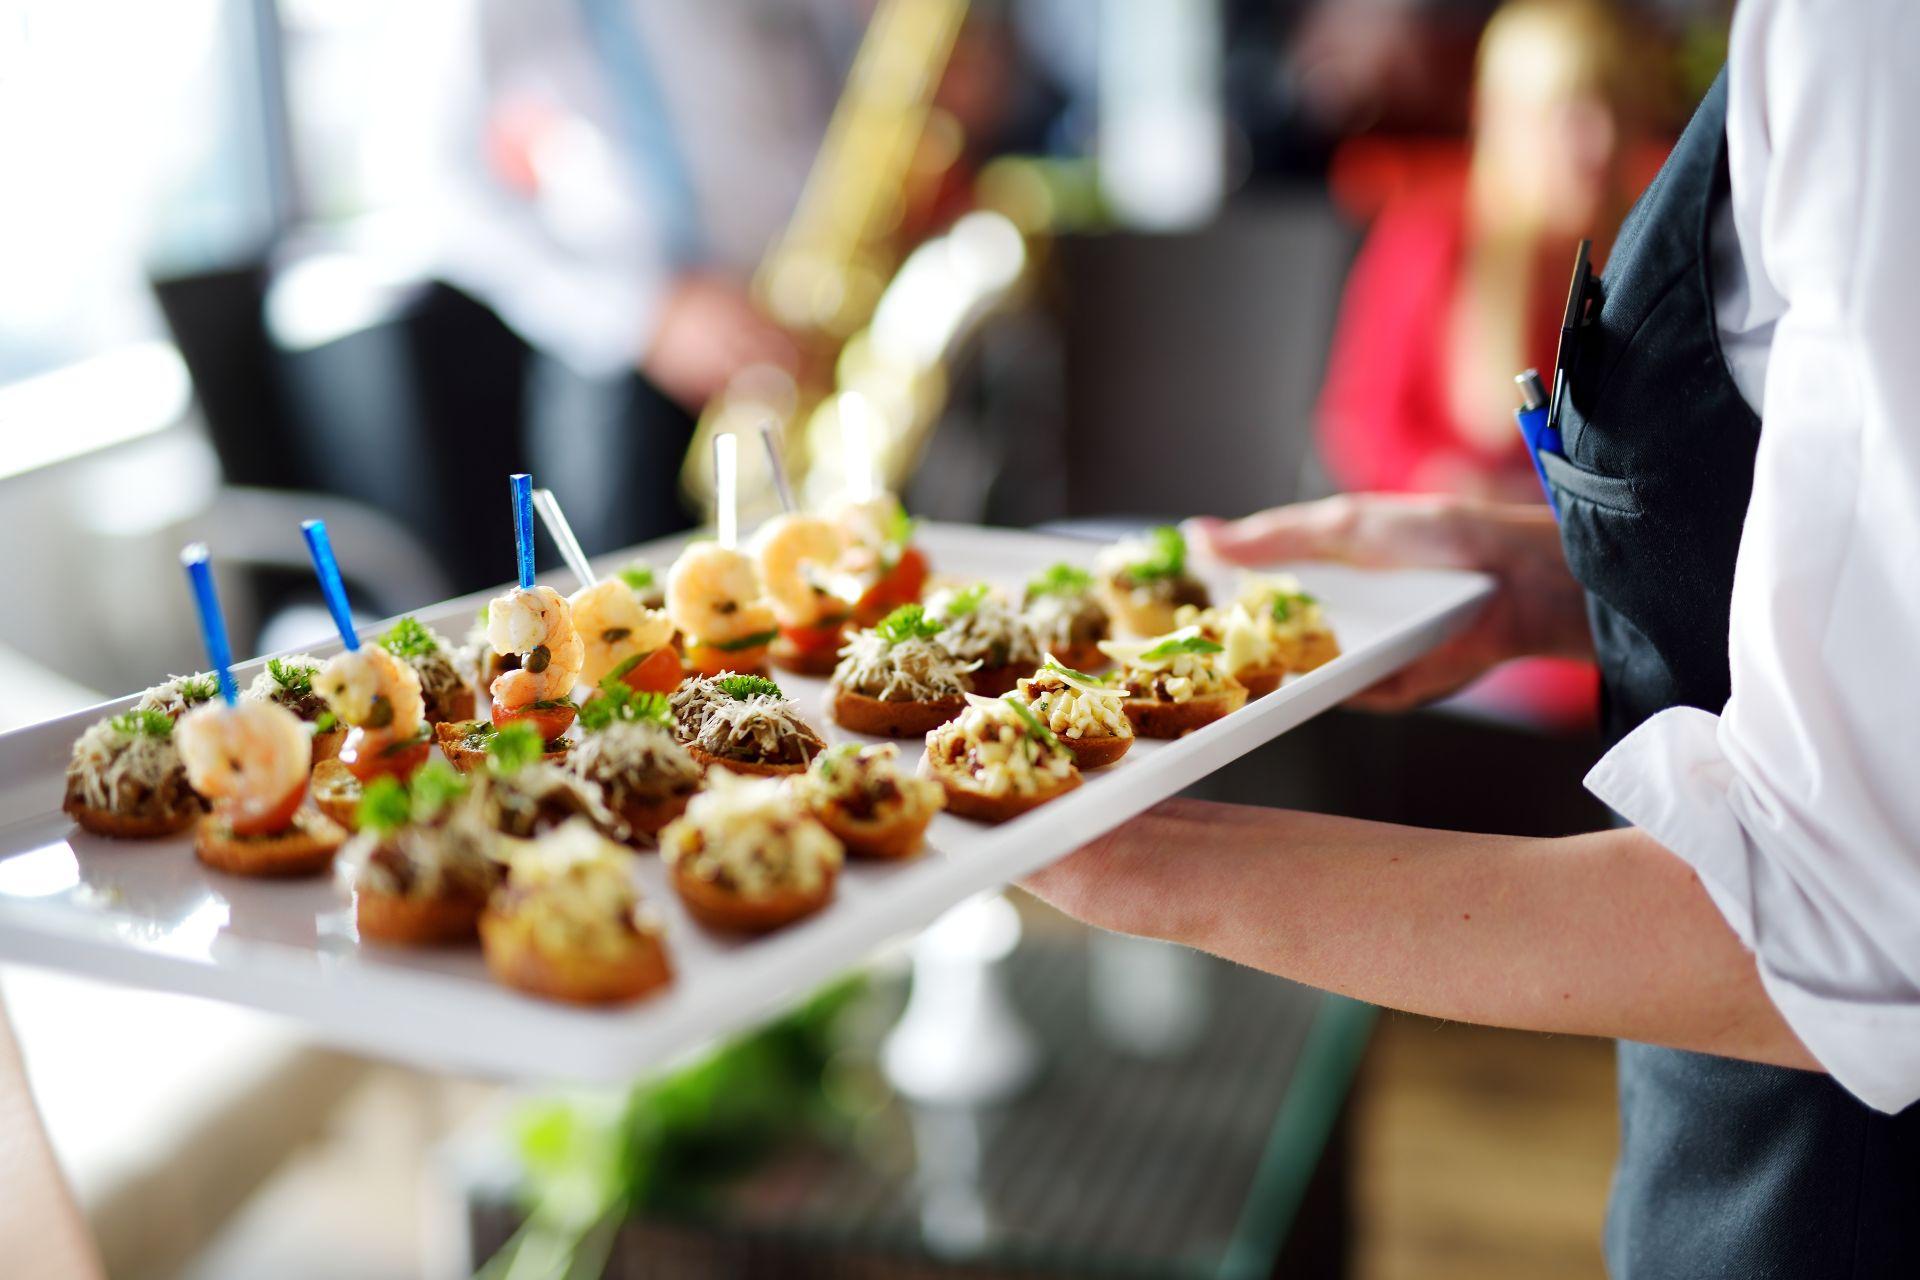 Restaurant - Catering